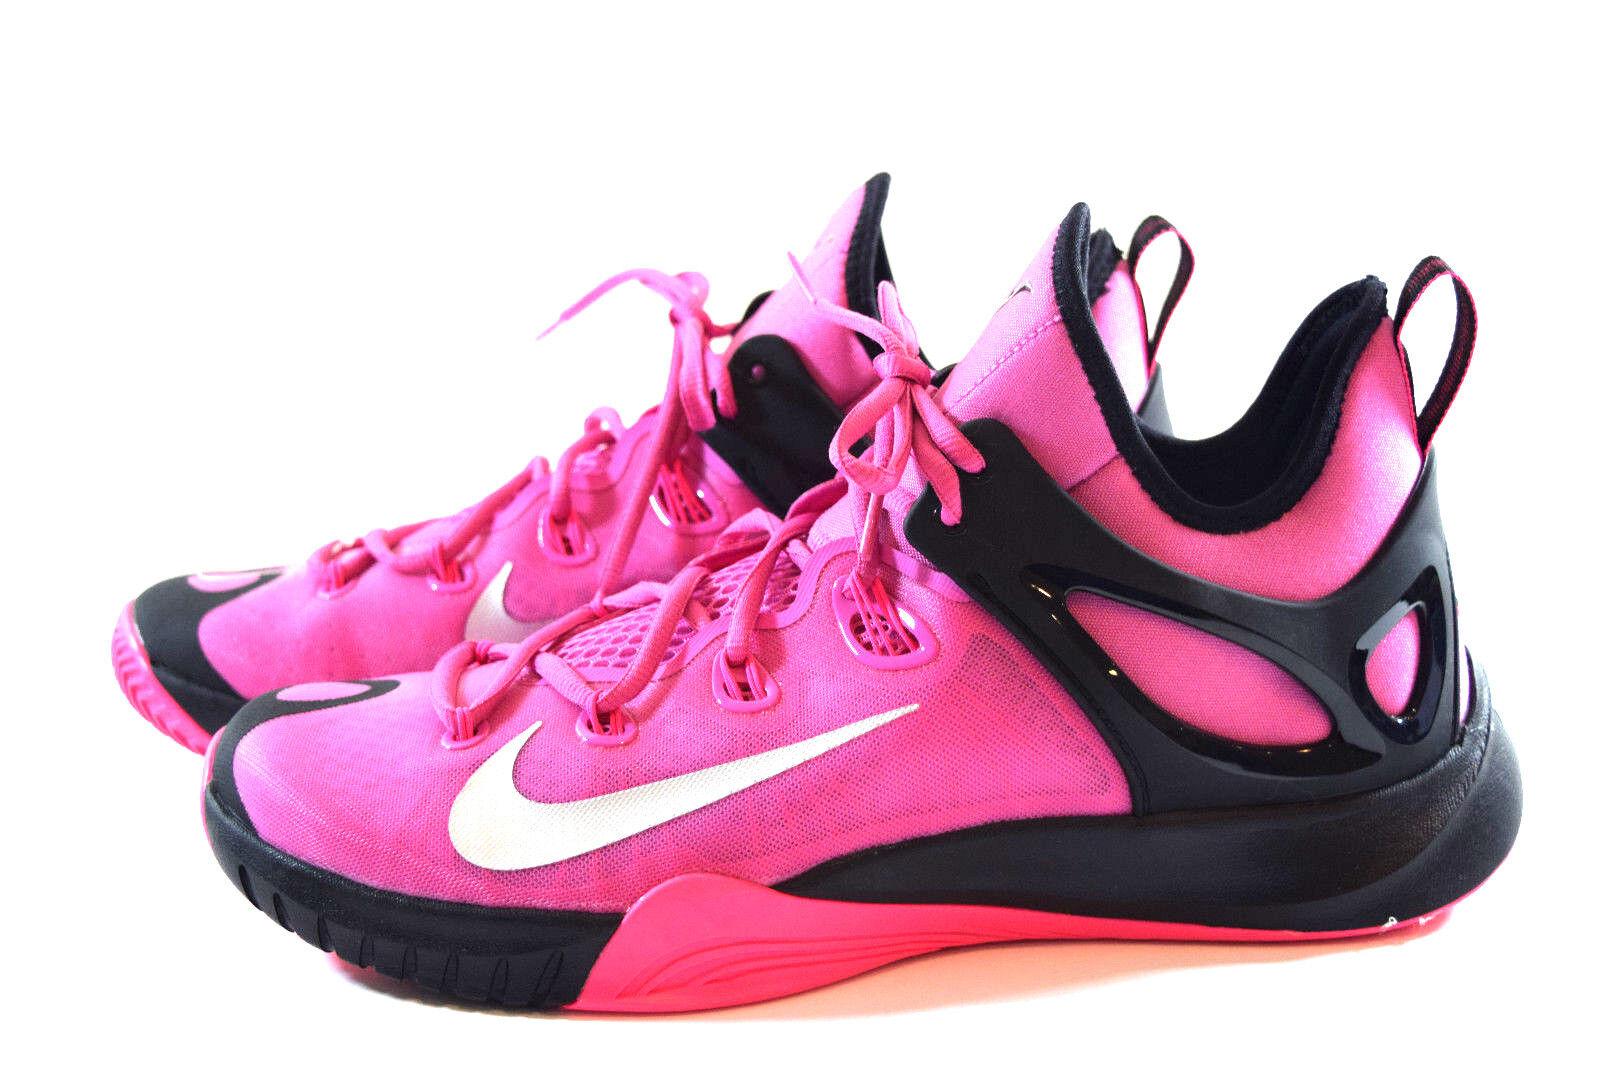 Nike zoom hyperrev 705370-606 11,5 rosa nero 705370-606 hyperrev scarpe da basket b15380